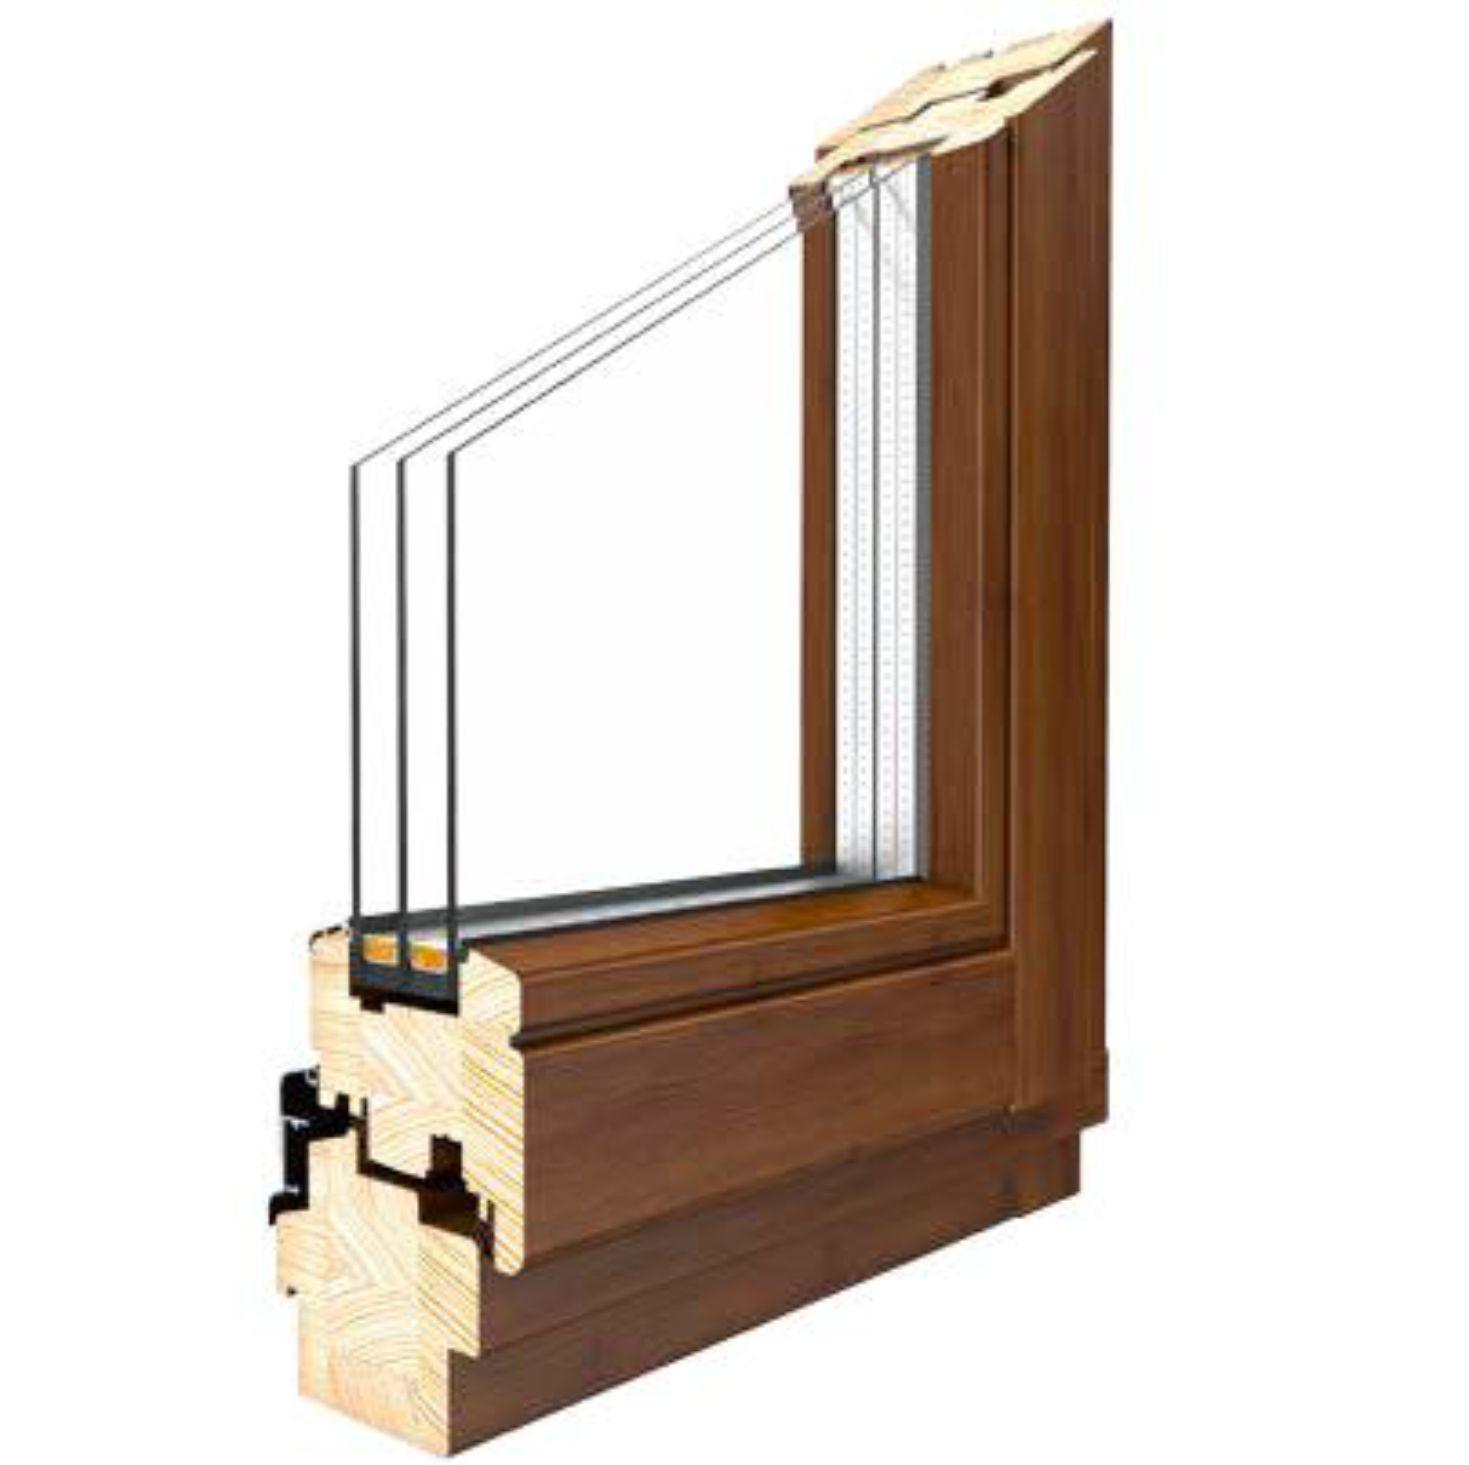 Full Size of Günstige Fenster Holzfenster Drutesoftline 78 Meranti Holz Alle Gren Schüco Kaufen Betten Internorm Preise Trier Austauschen Sonnenschutzfolie Erneuern Fenster Günstige Fenster